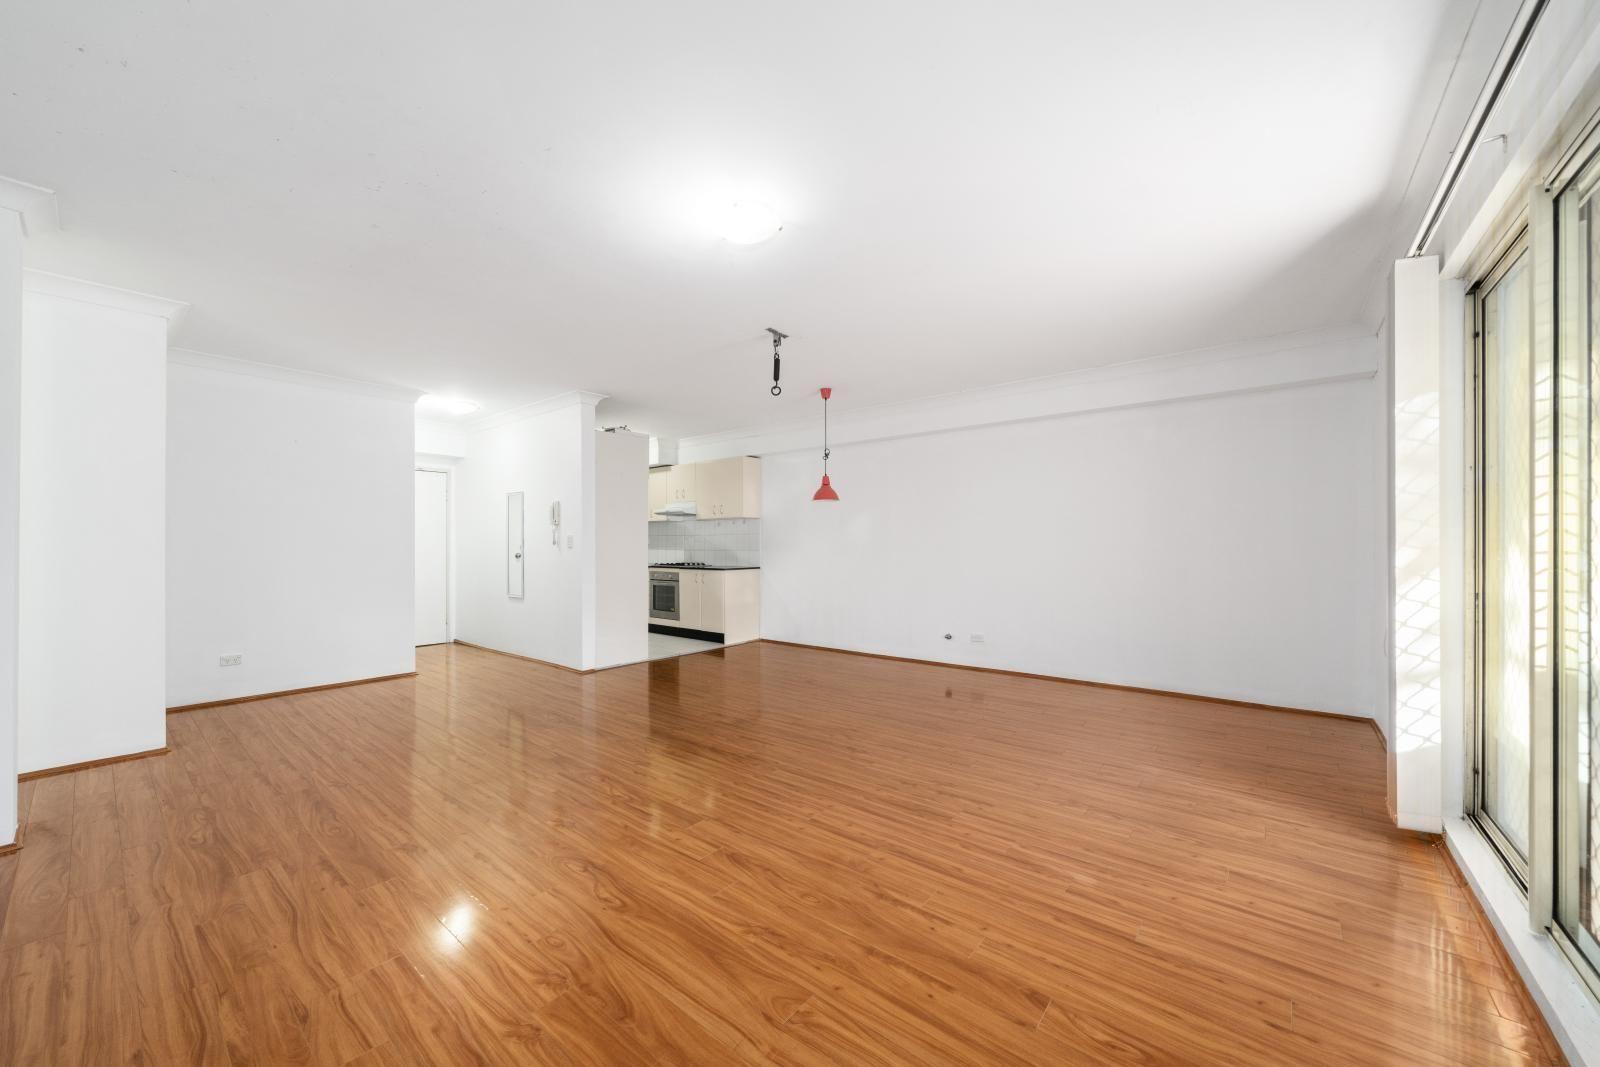 B9/88-98 Marsden Street, Parramatta NSW 2150, Image 2